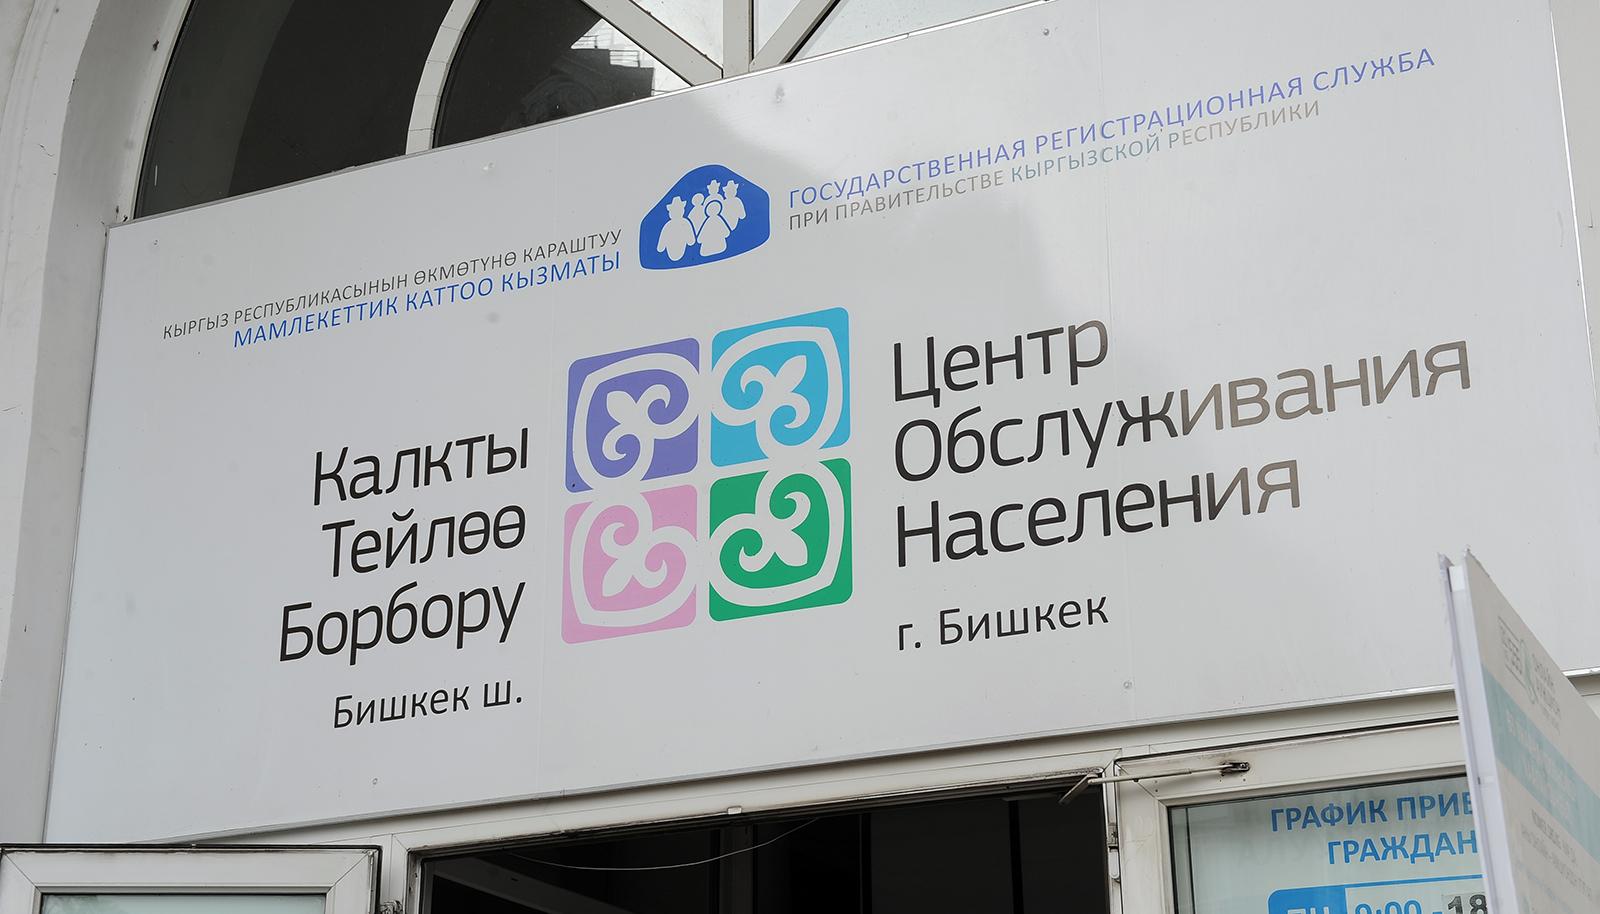 Бишкектеги калкты тейлөө борбору иш убактысын эки саатка кыскартты